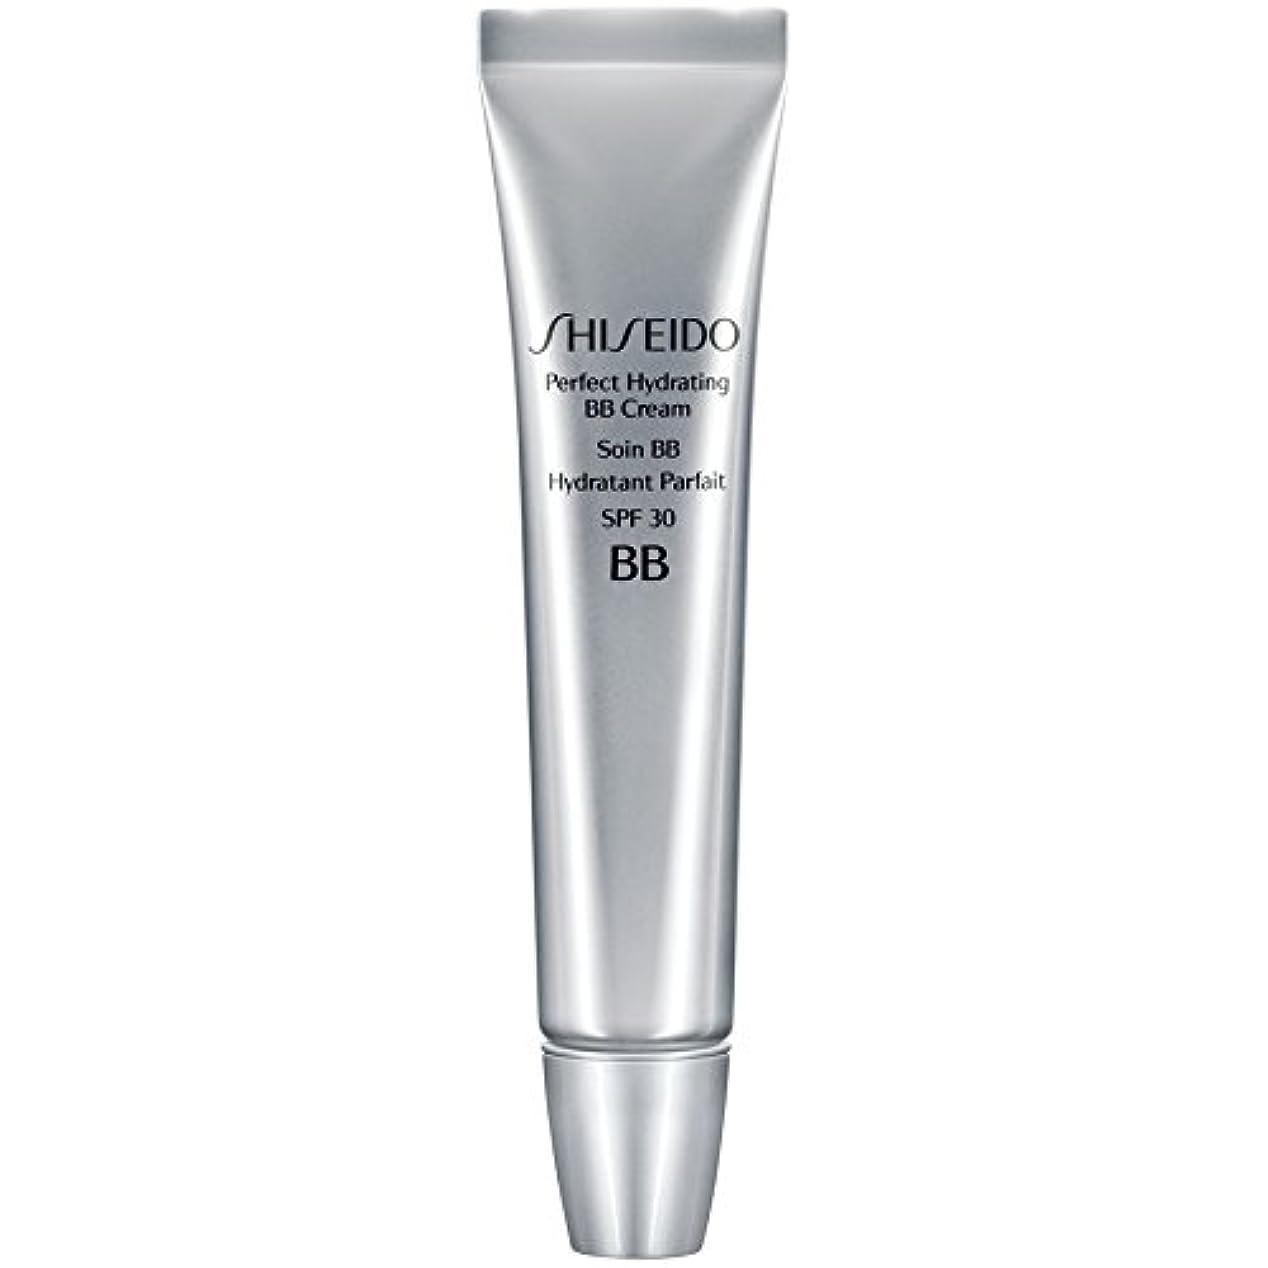 限定区画ブレイズ[Shiseido ] 資生堂完璧な水和BbクリームSpf 30 30ミリリットル媒体 - Shiseido Perfect Hydrating BB Cream SPF 30 30ml Medium [並行輸入品]